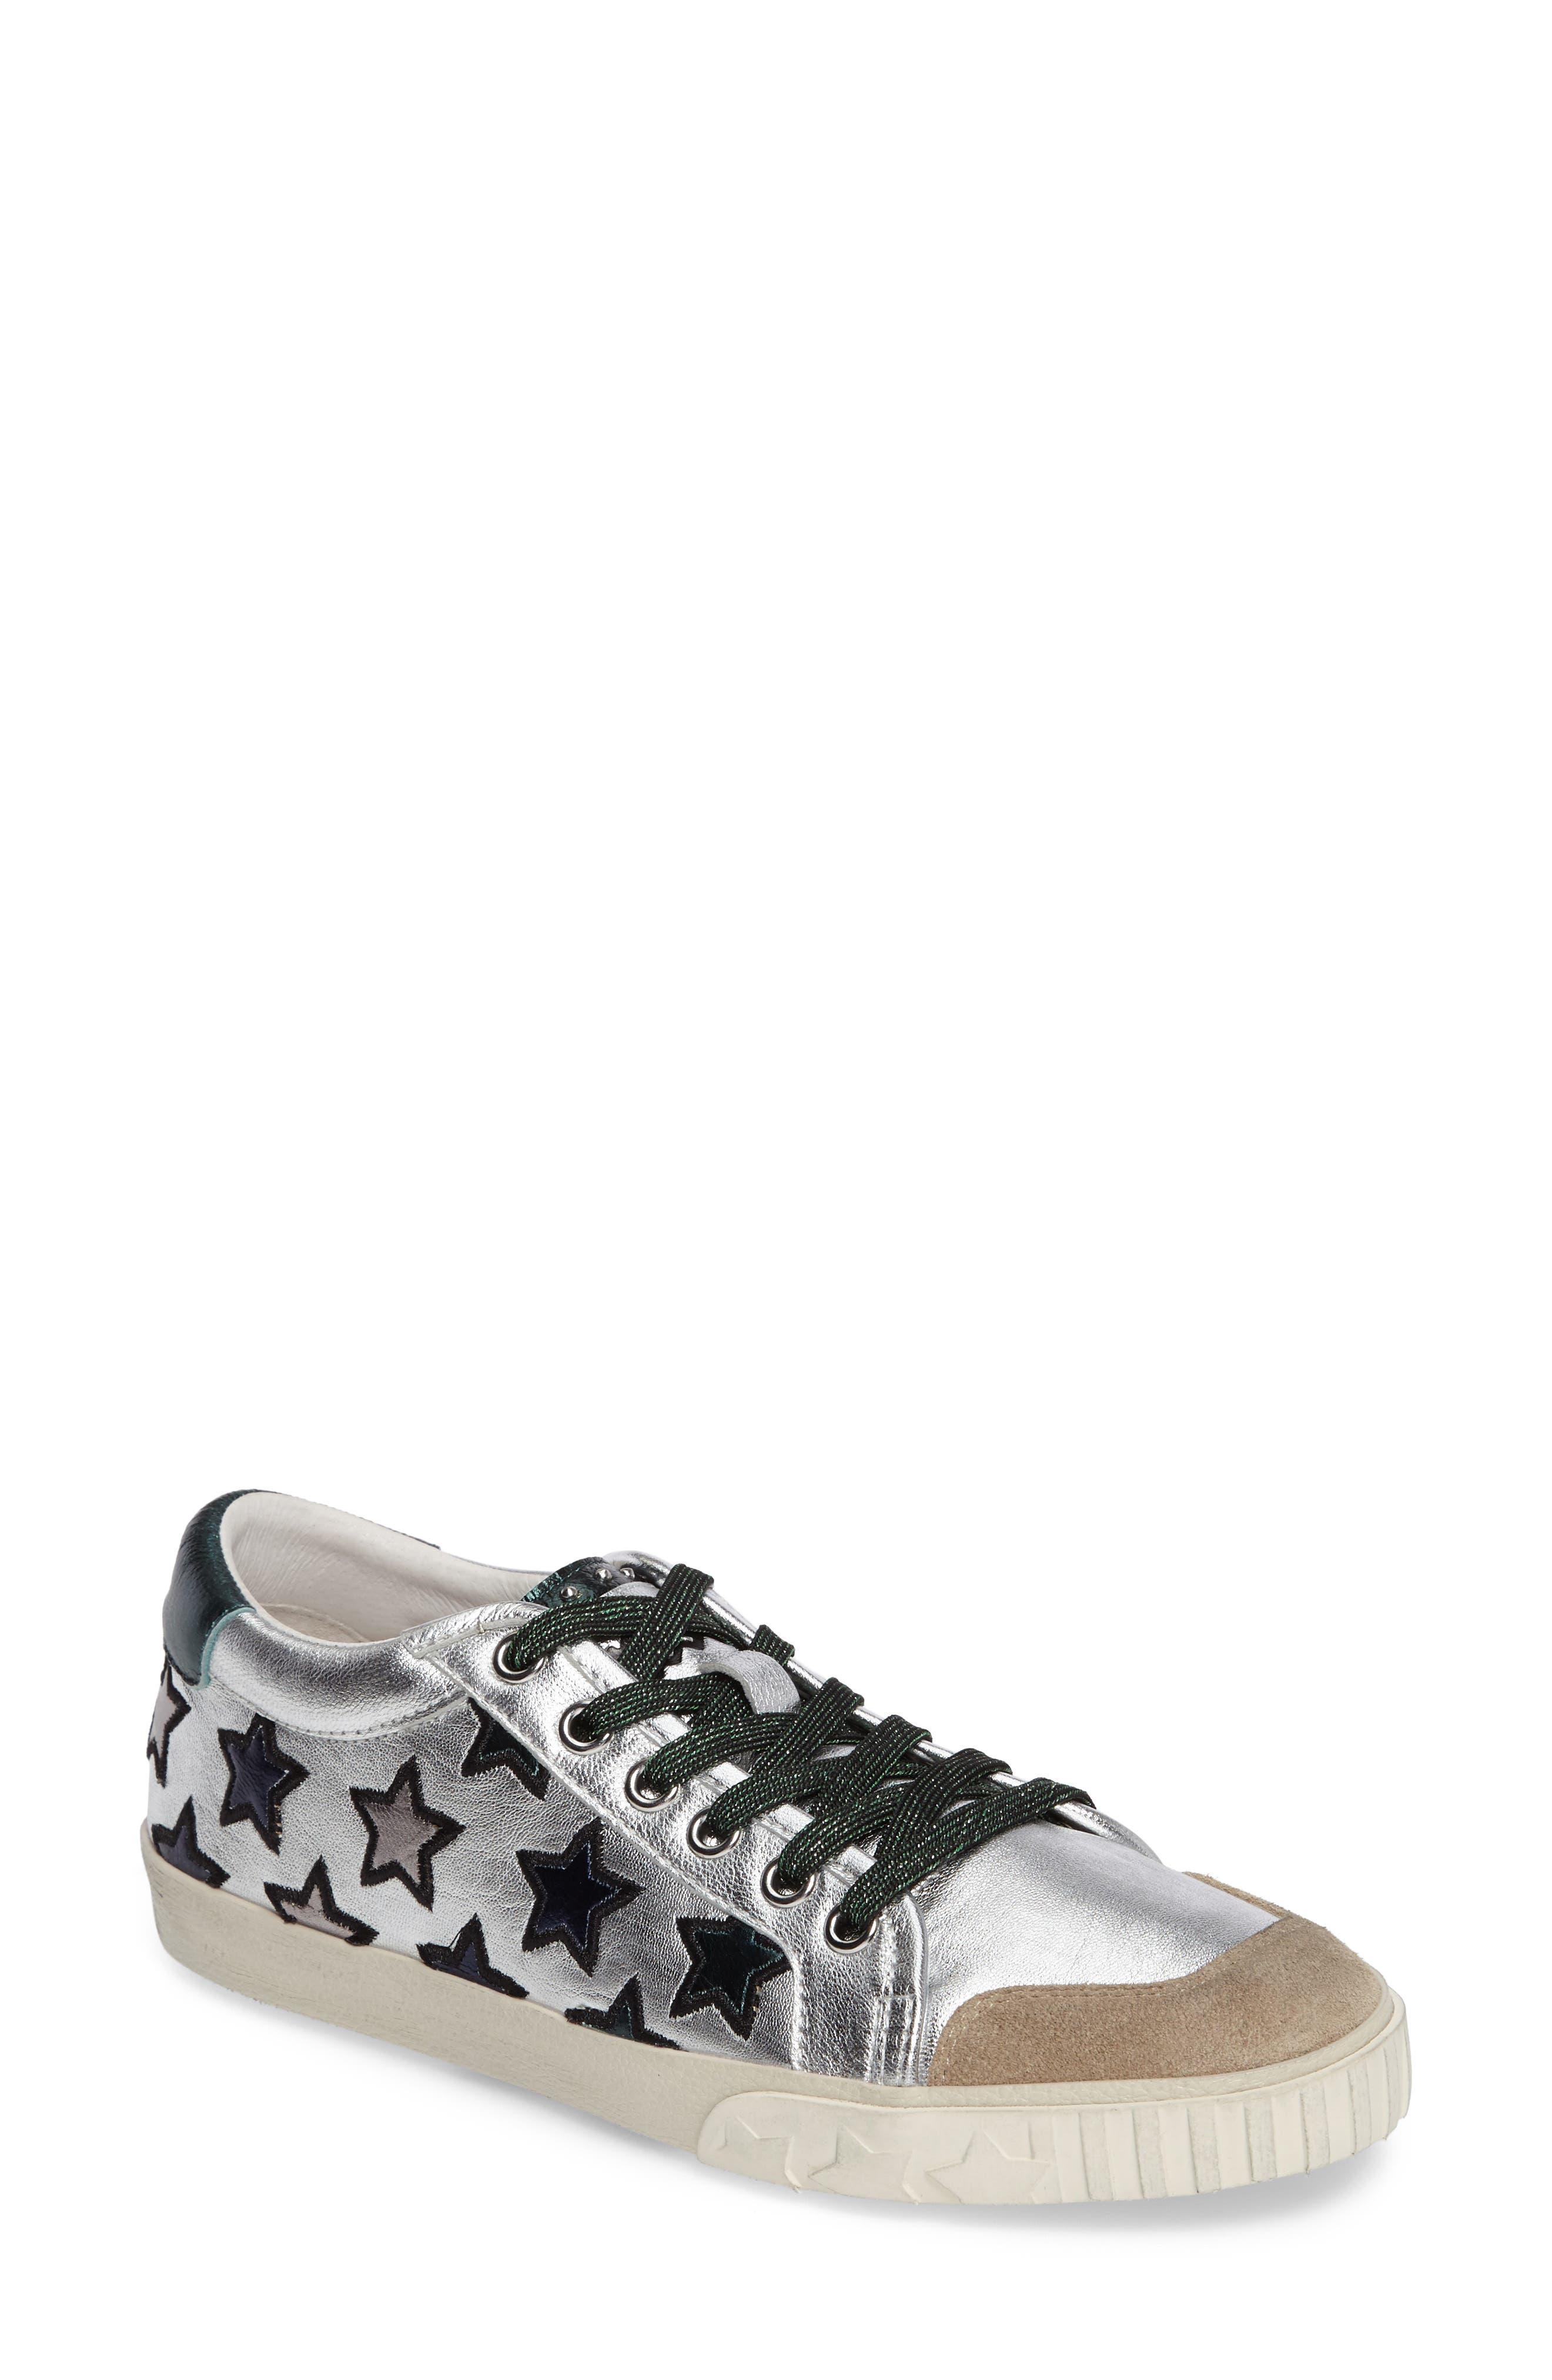 Ash Majestic Sneaker (Women)